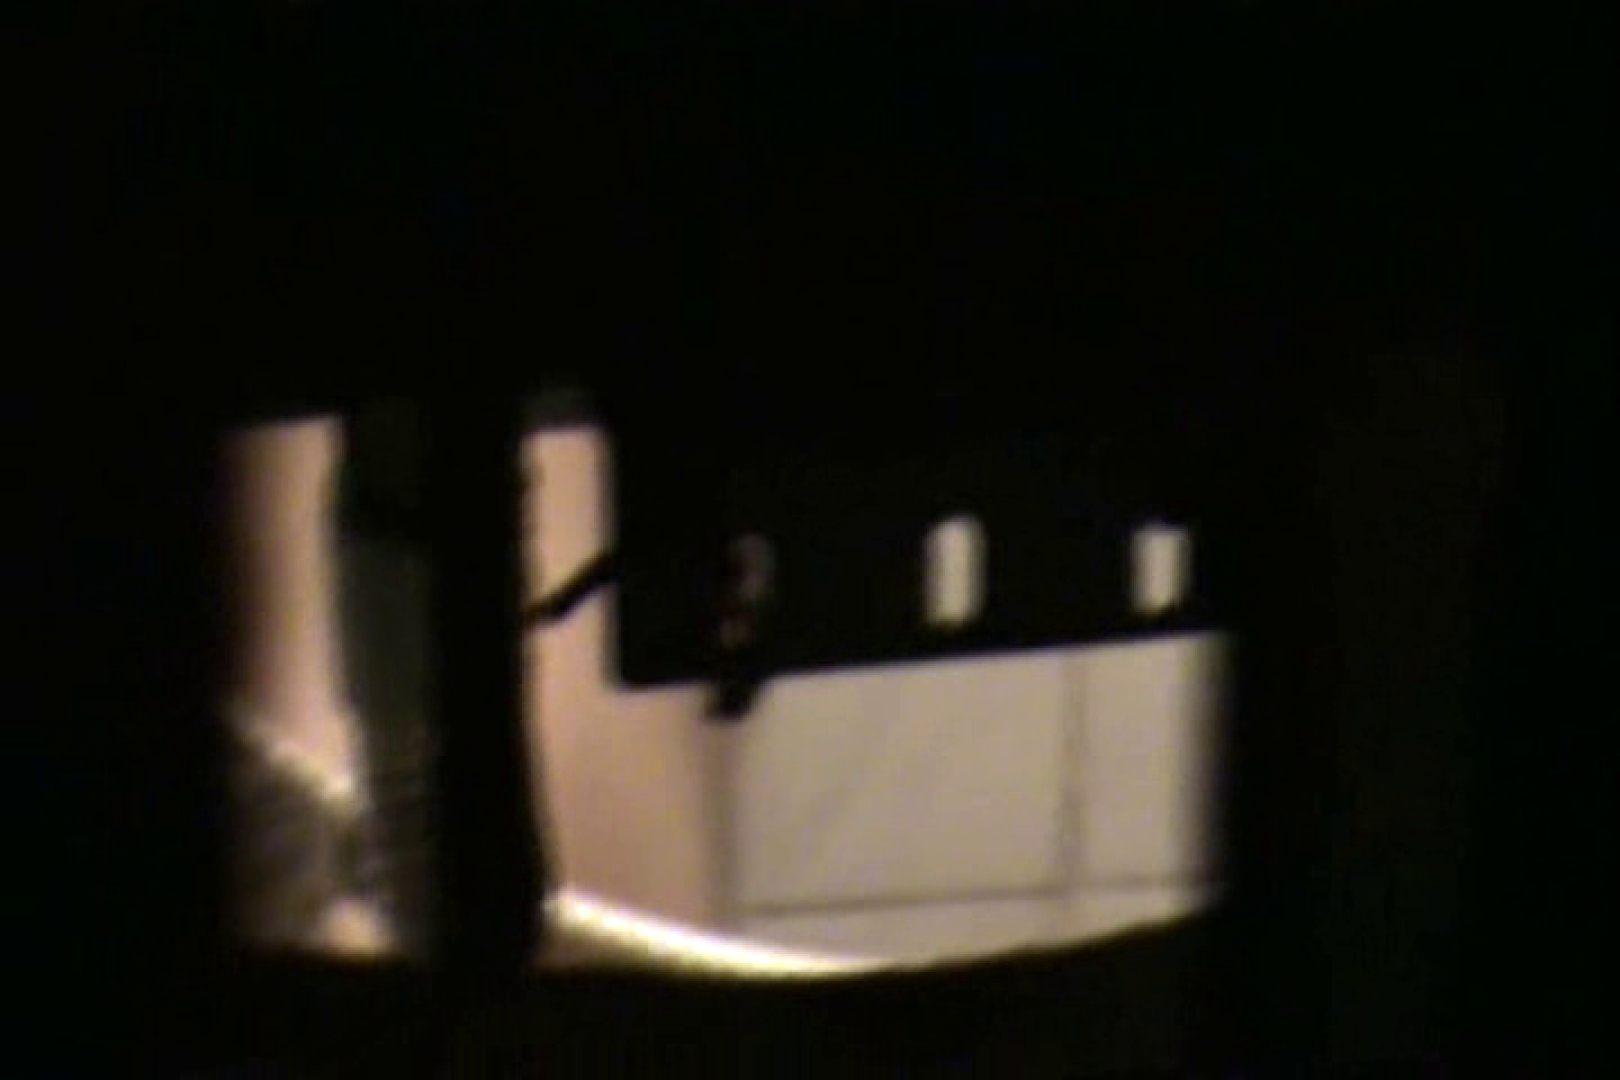 ぼっとん洗面所スペシャルVol.3 おまんこ無修正 盗撮アダルト動画キャプチャ 92pic 17